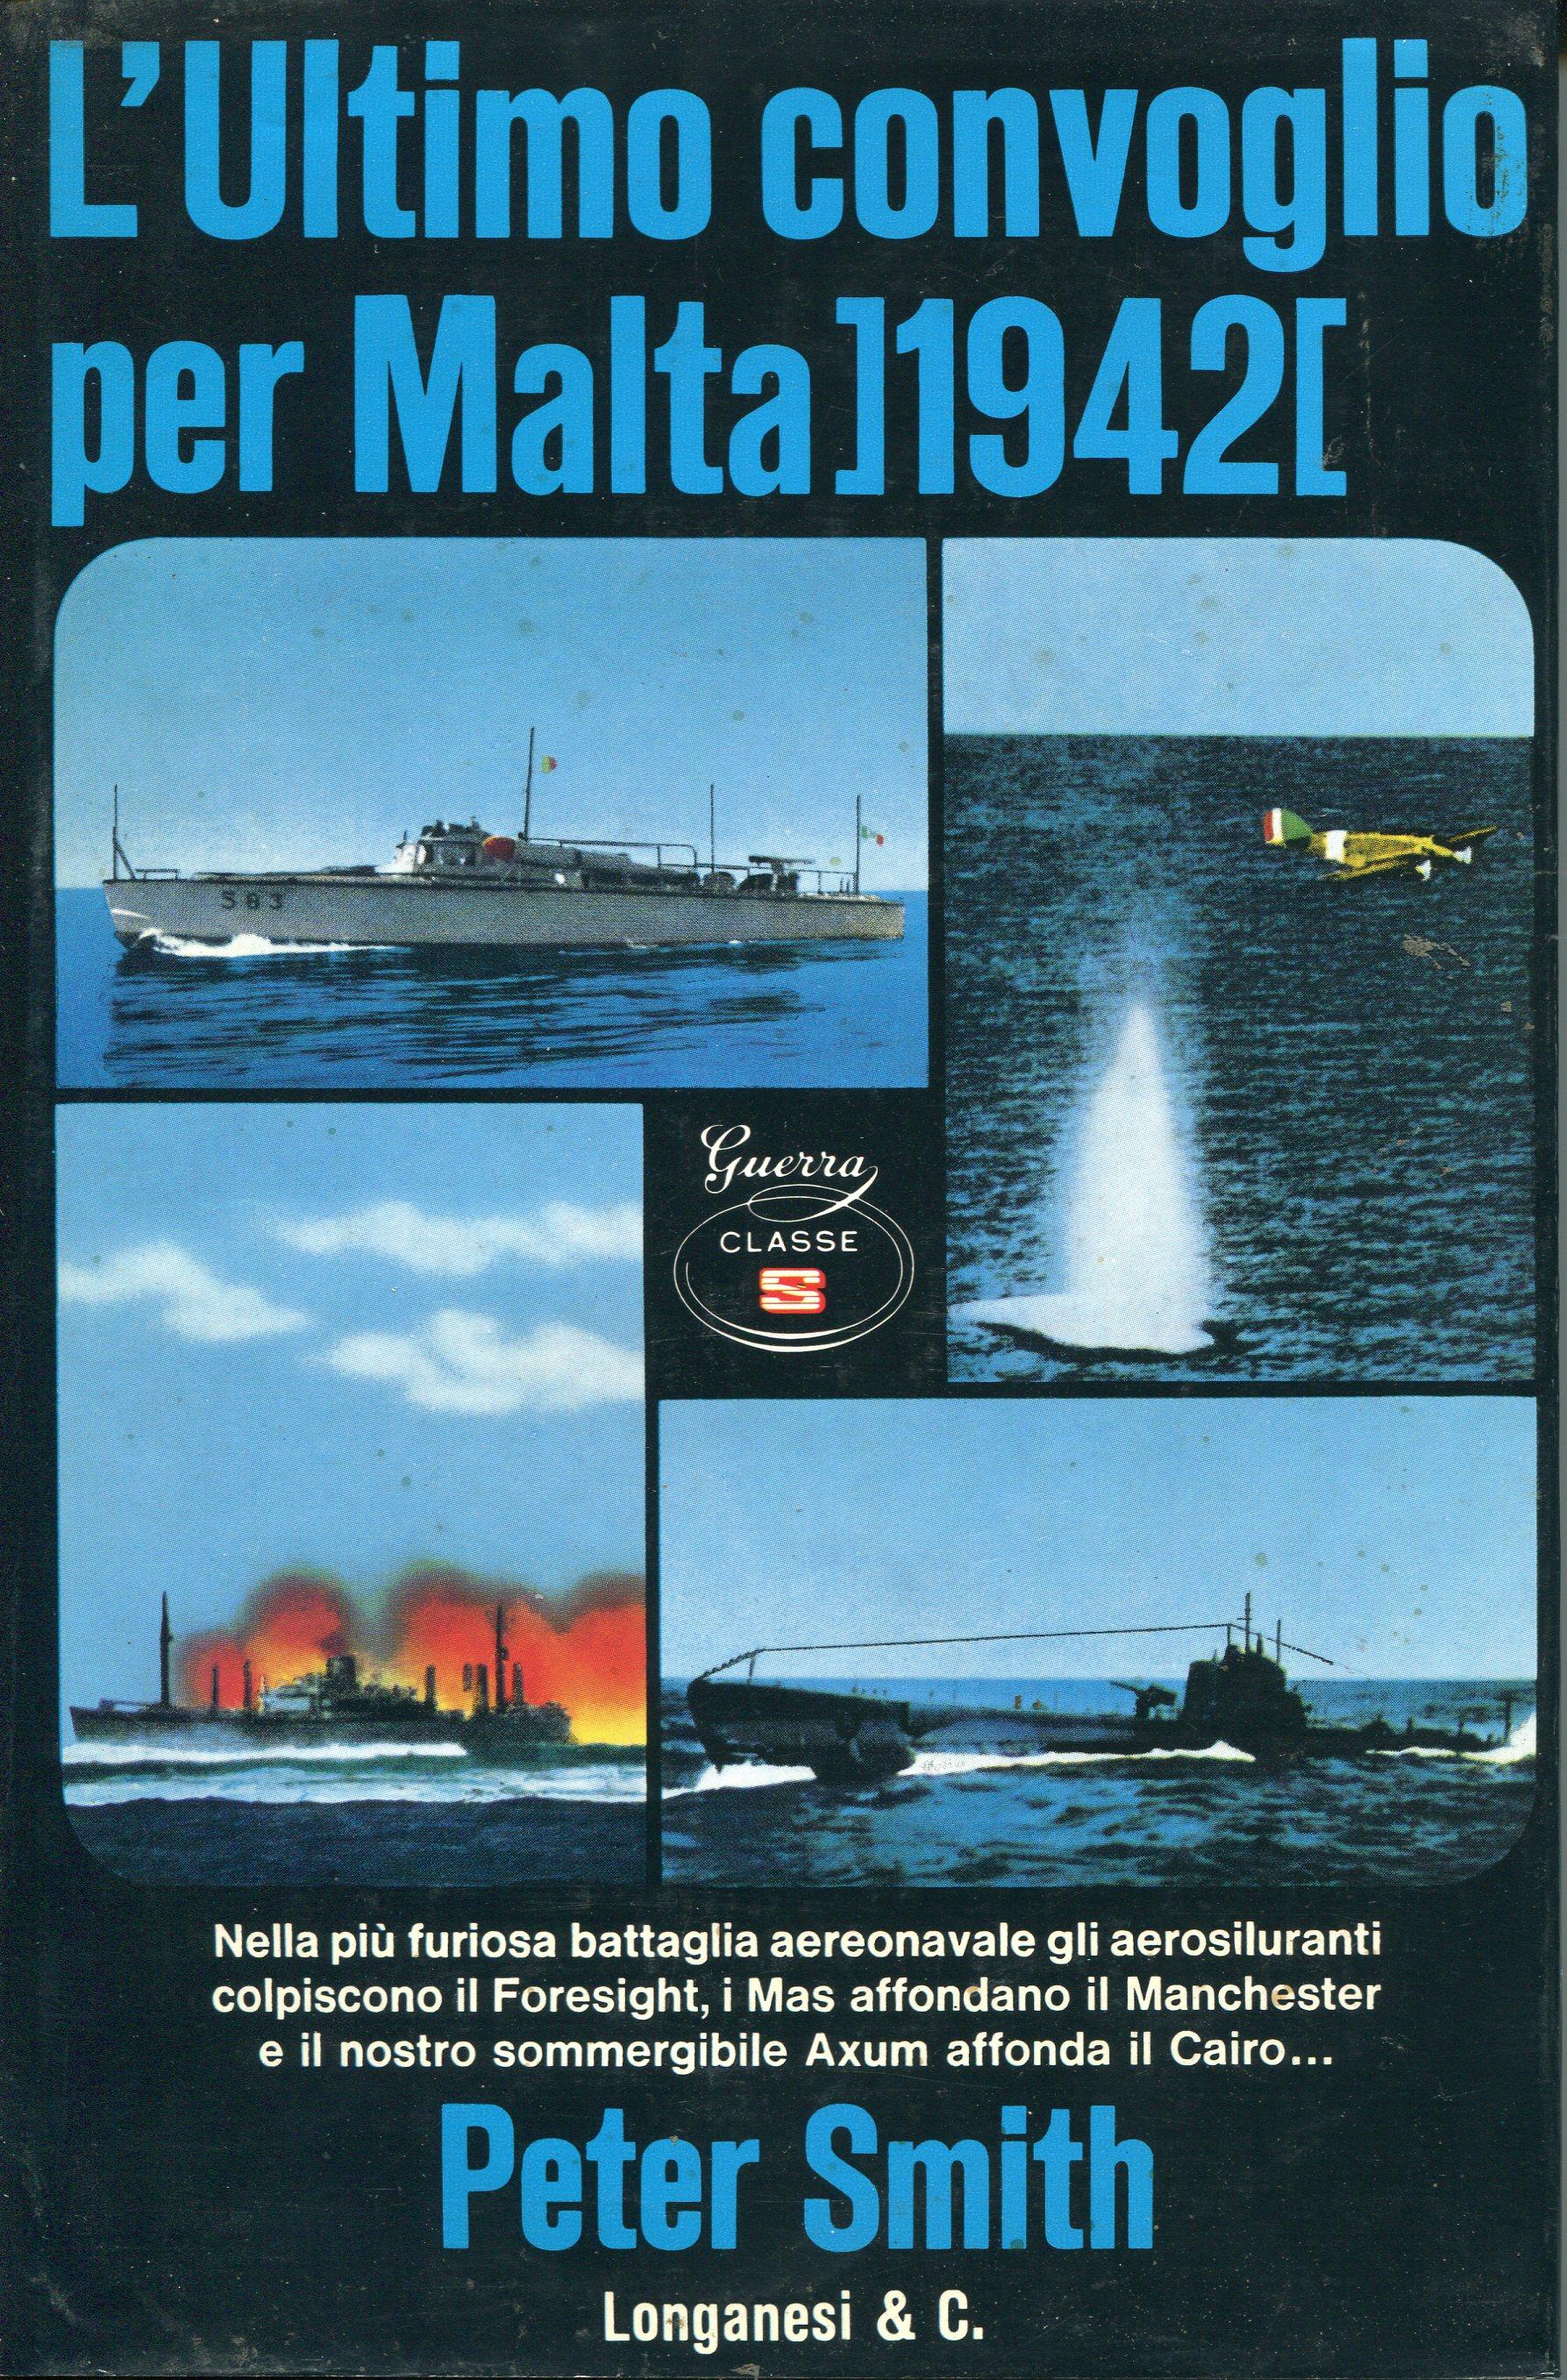 L'ultimo convoglio per Malta (1942)